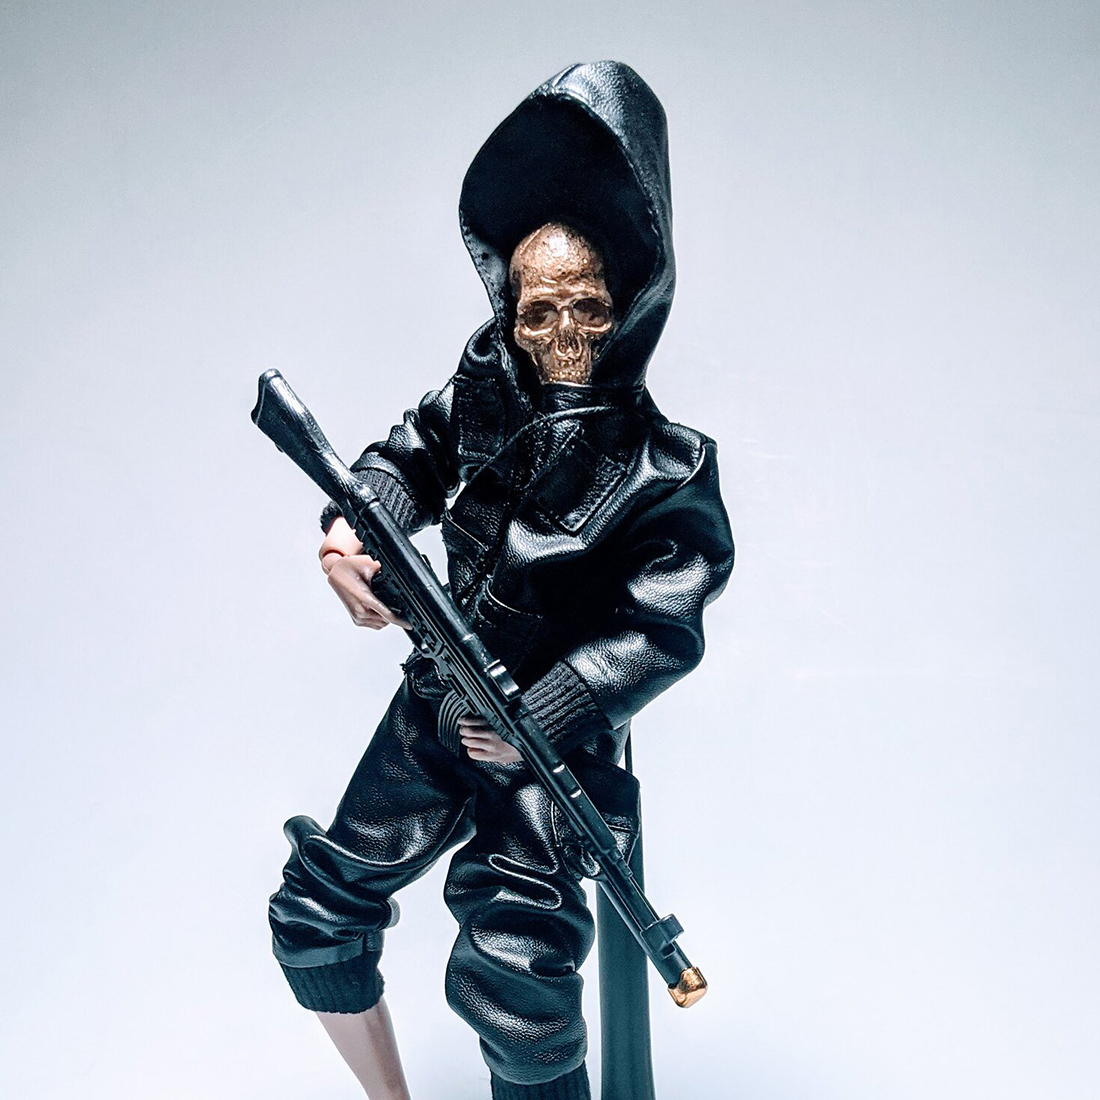 Vigilante Candy Licorice by Erick Scarecrow